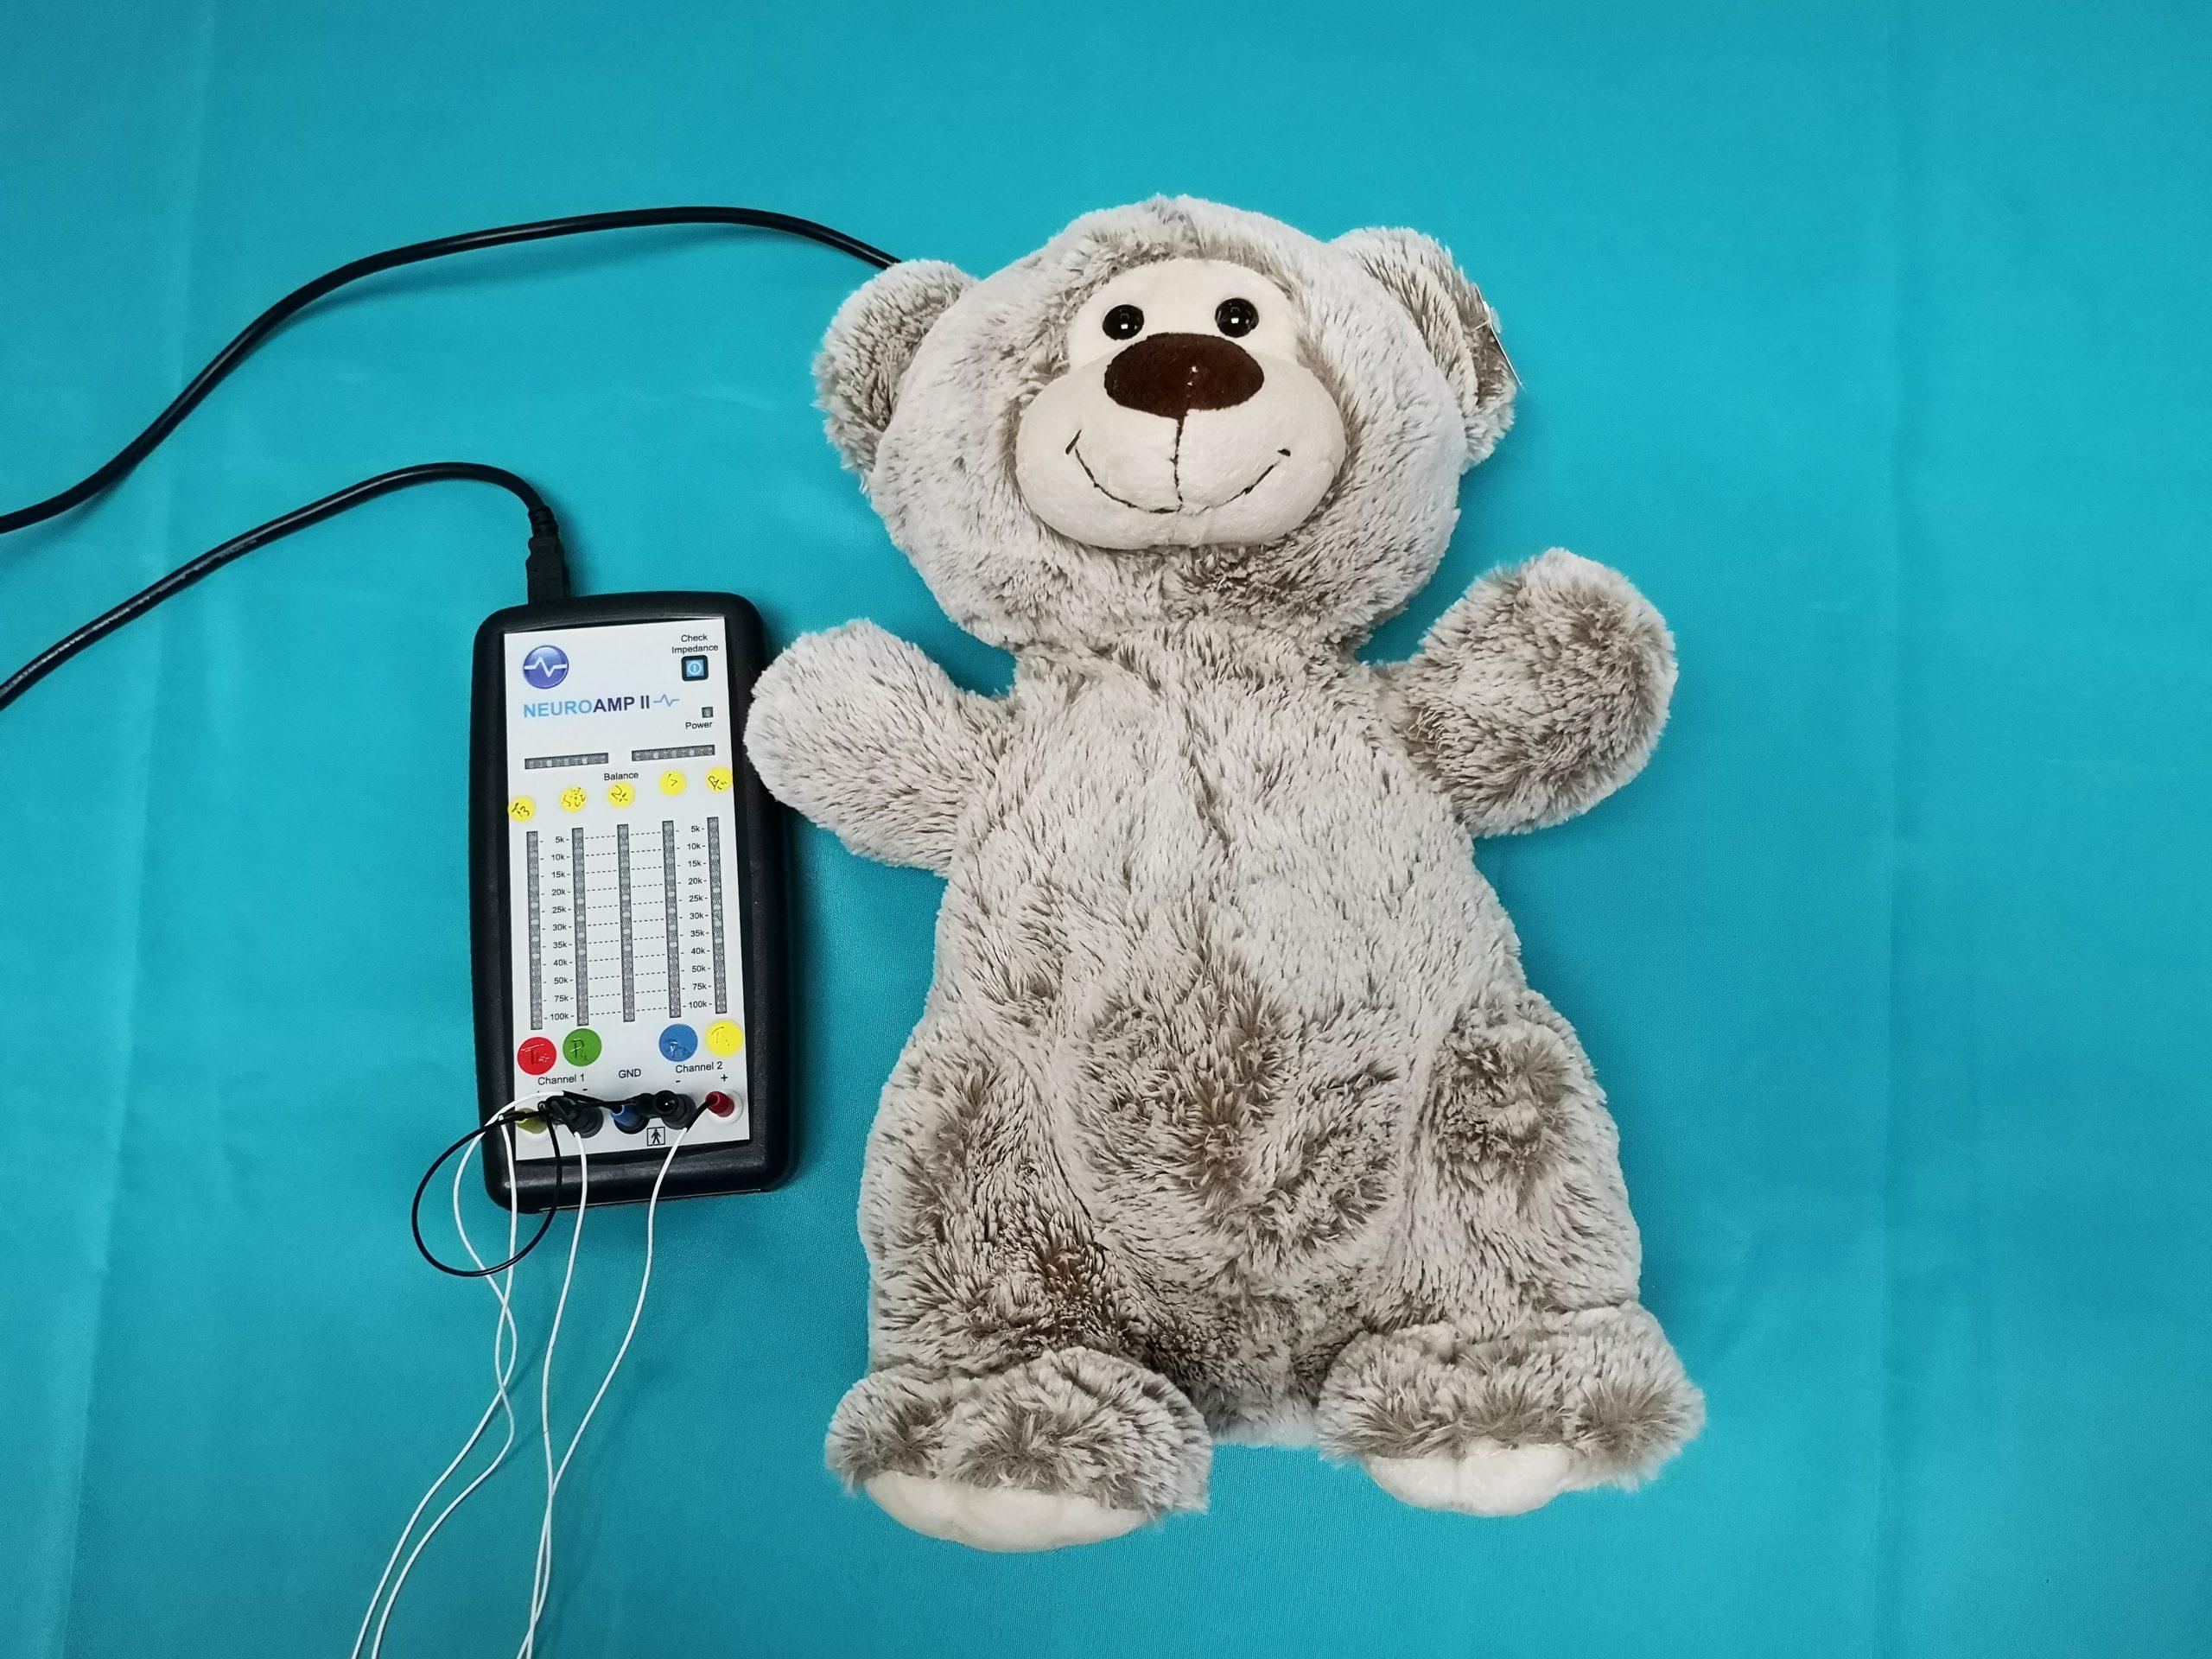 Neurofeedback et Feedback tactile. Il y a un ours en peluche marron relié à un amplificateur d'EEG